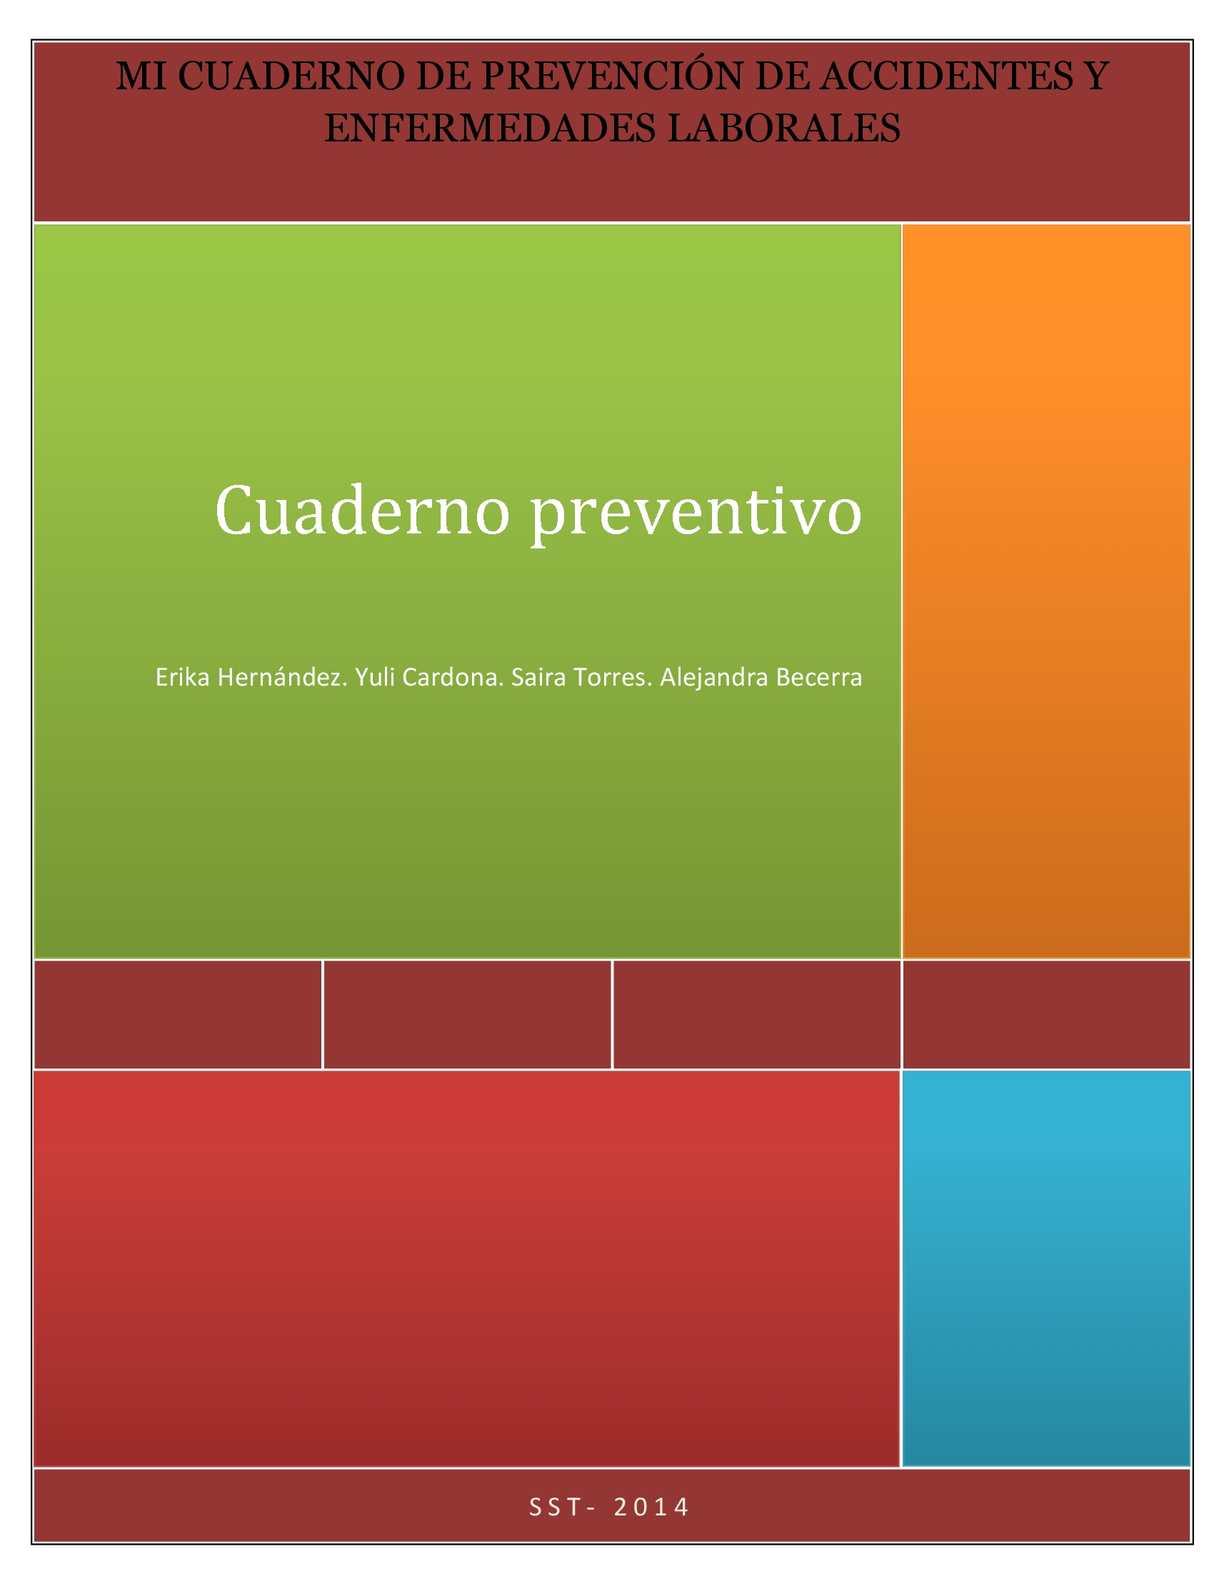 MI CUADERNO DE PREVENCIÓN DE ACCIDENTES Y ENFERMEDADES LABORALES